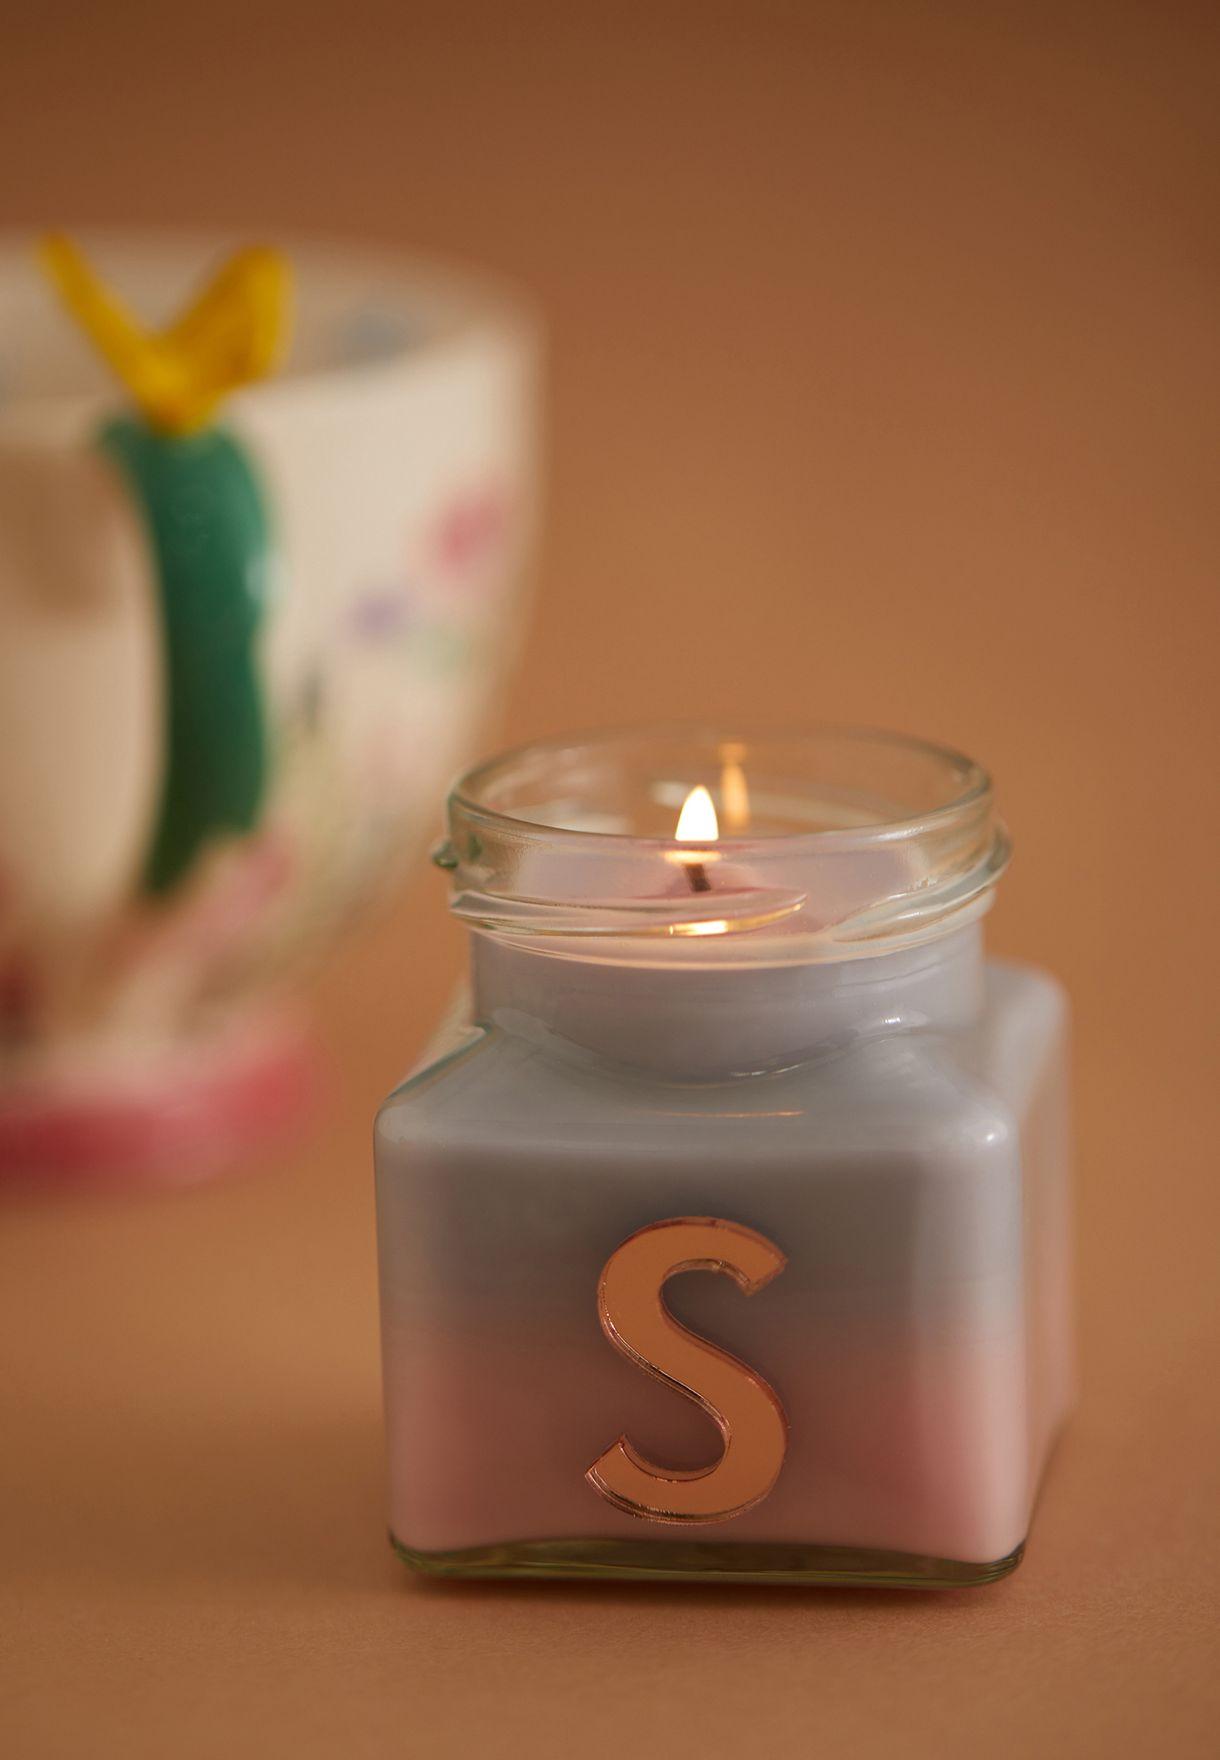 Vanilla Ylang Ylang Initial S Candle